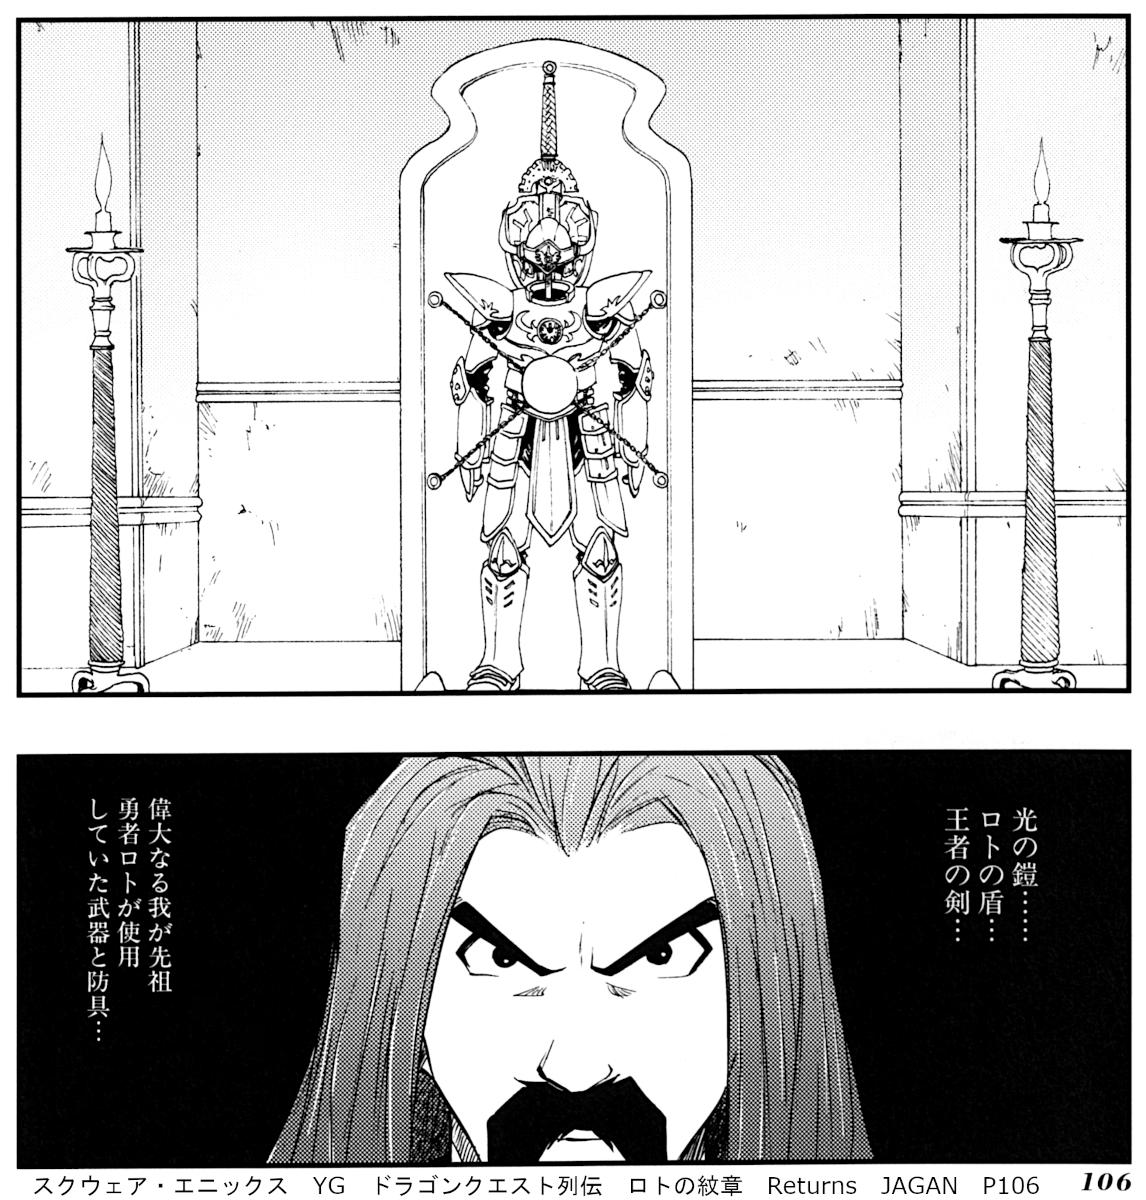 スクウェア・エニックス YG ドラゴンクエスト列伝 ロトの紋章 Returns JAGAN P106